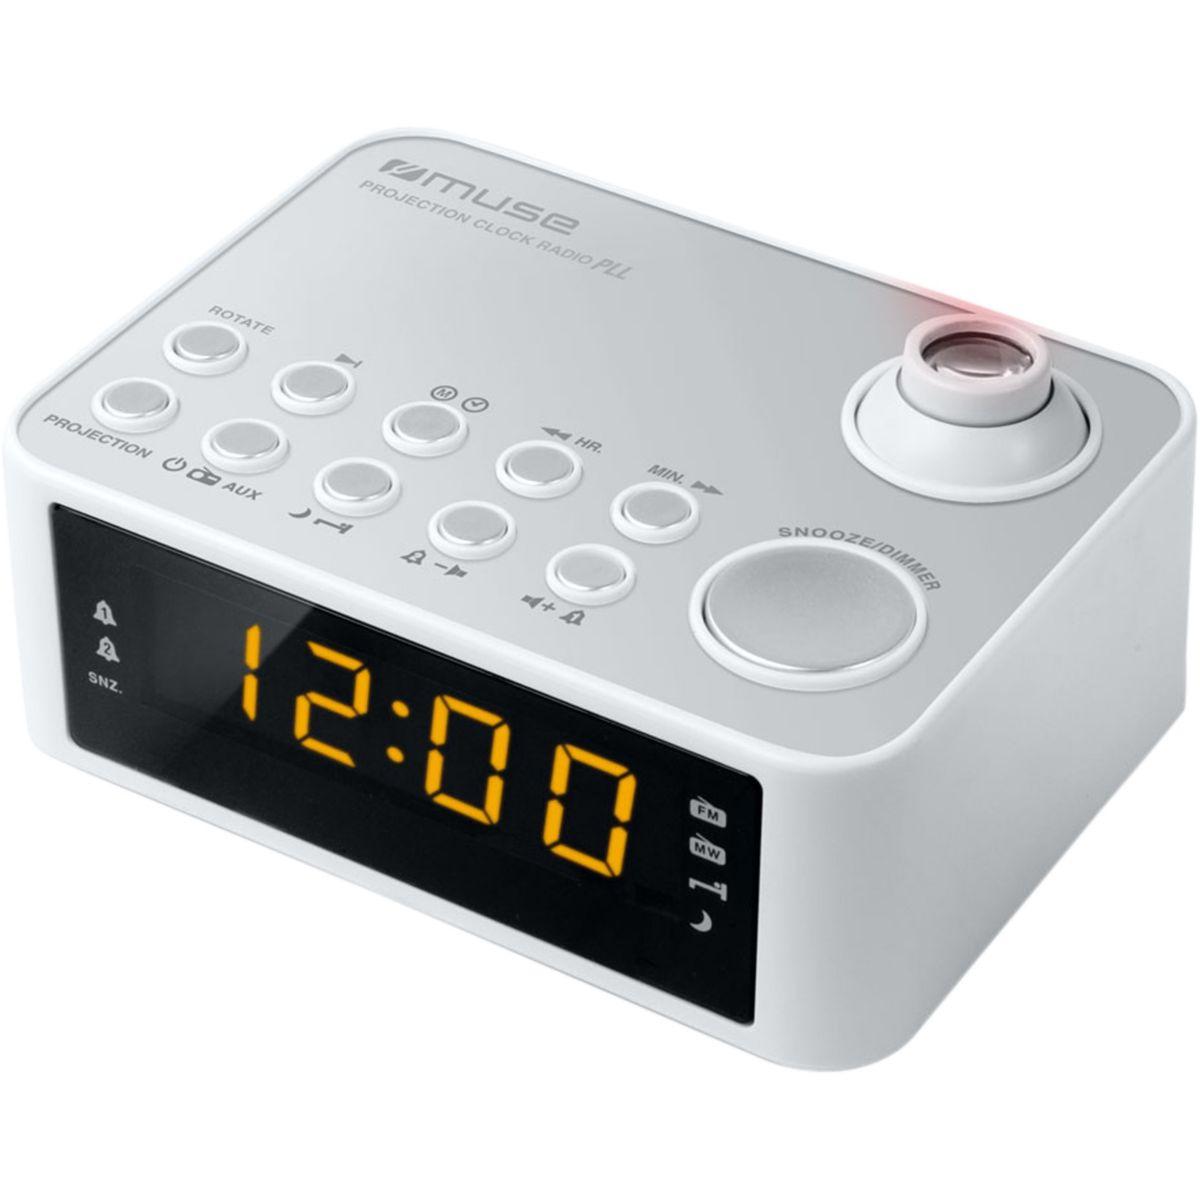 Radio-réveil muse m-178 p blanc - 5% de remise : code multi5 (photo)